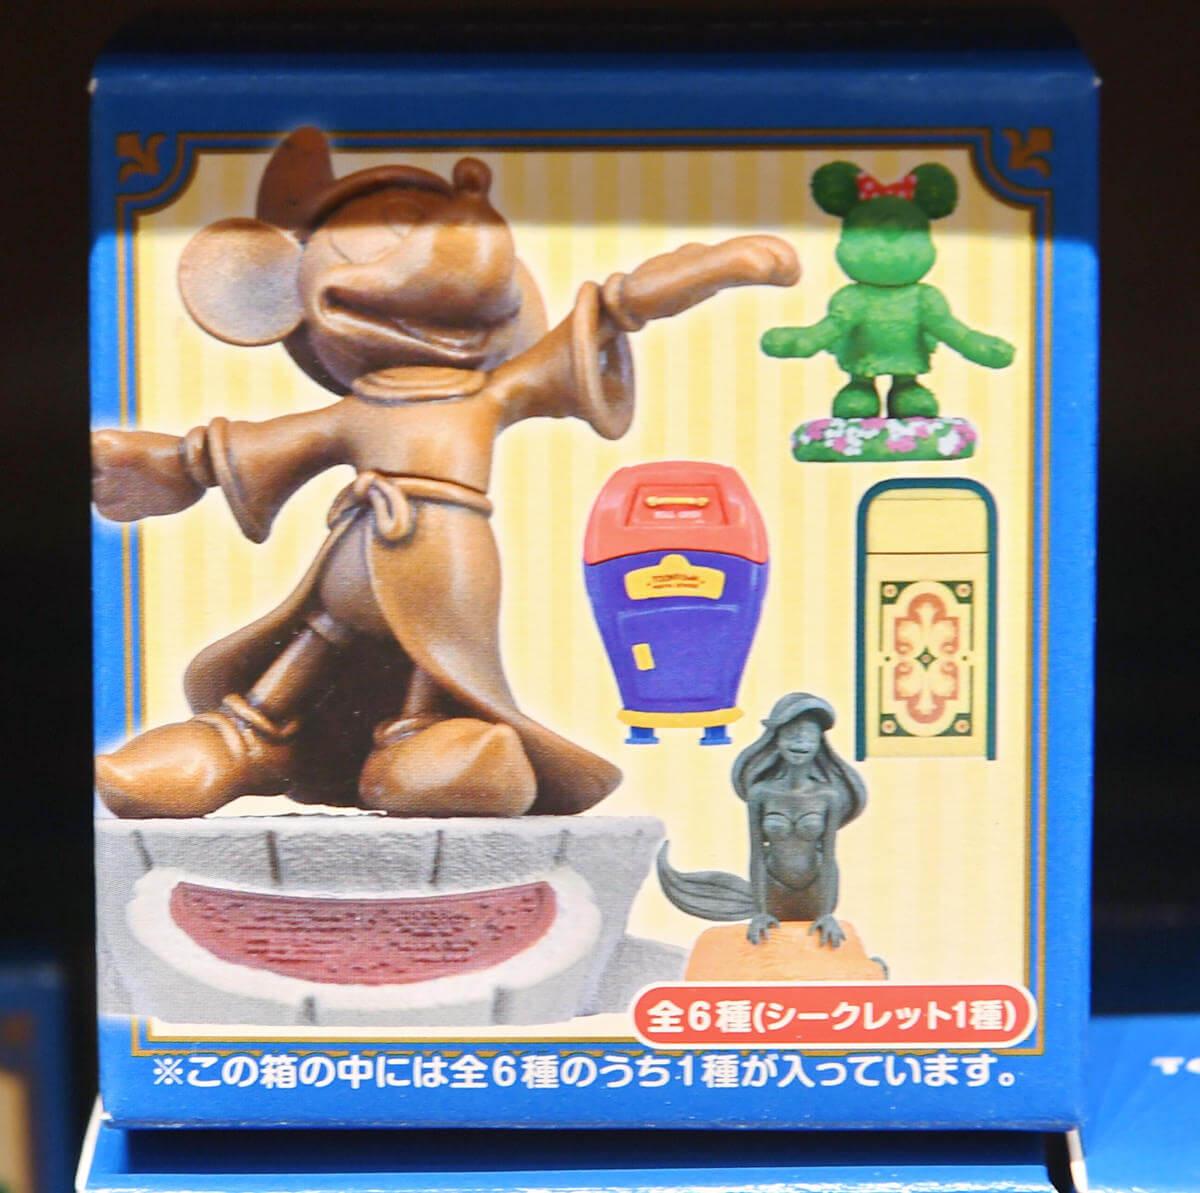 東京ディズニーリゾート ミニチュアフィギュアコレクション メインパッケージ